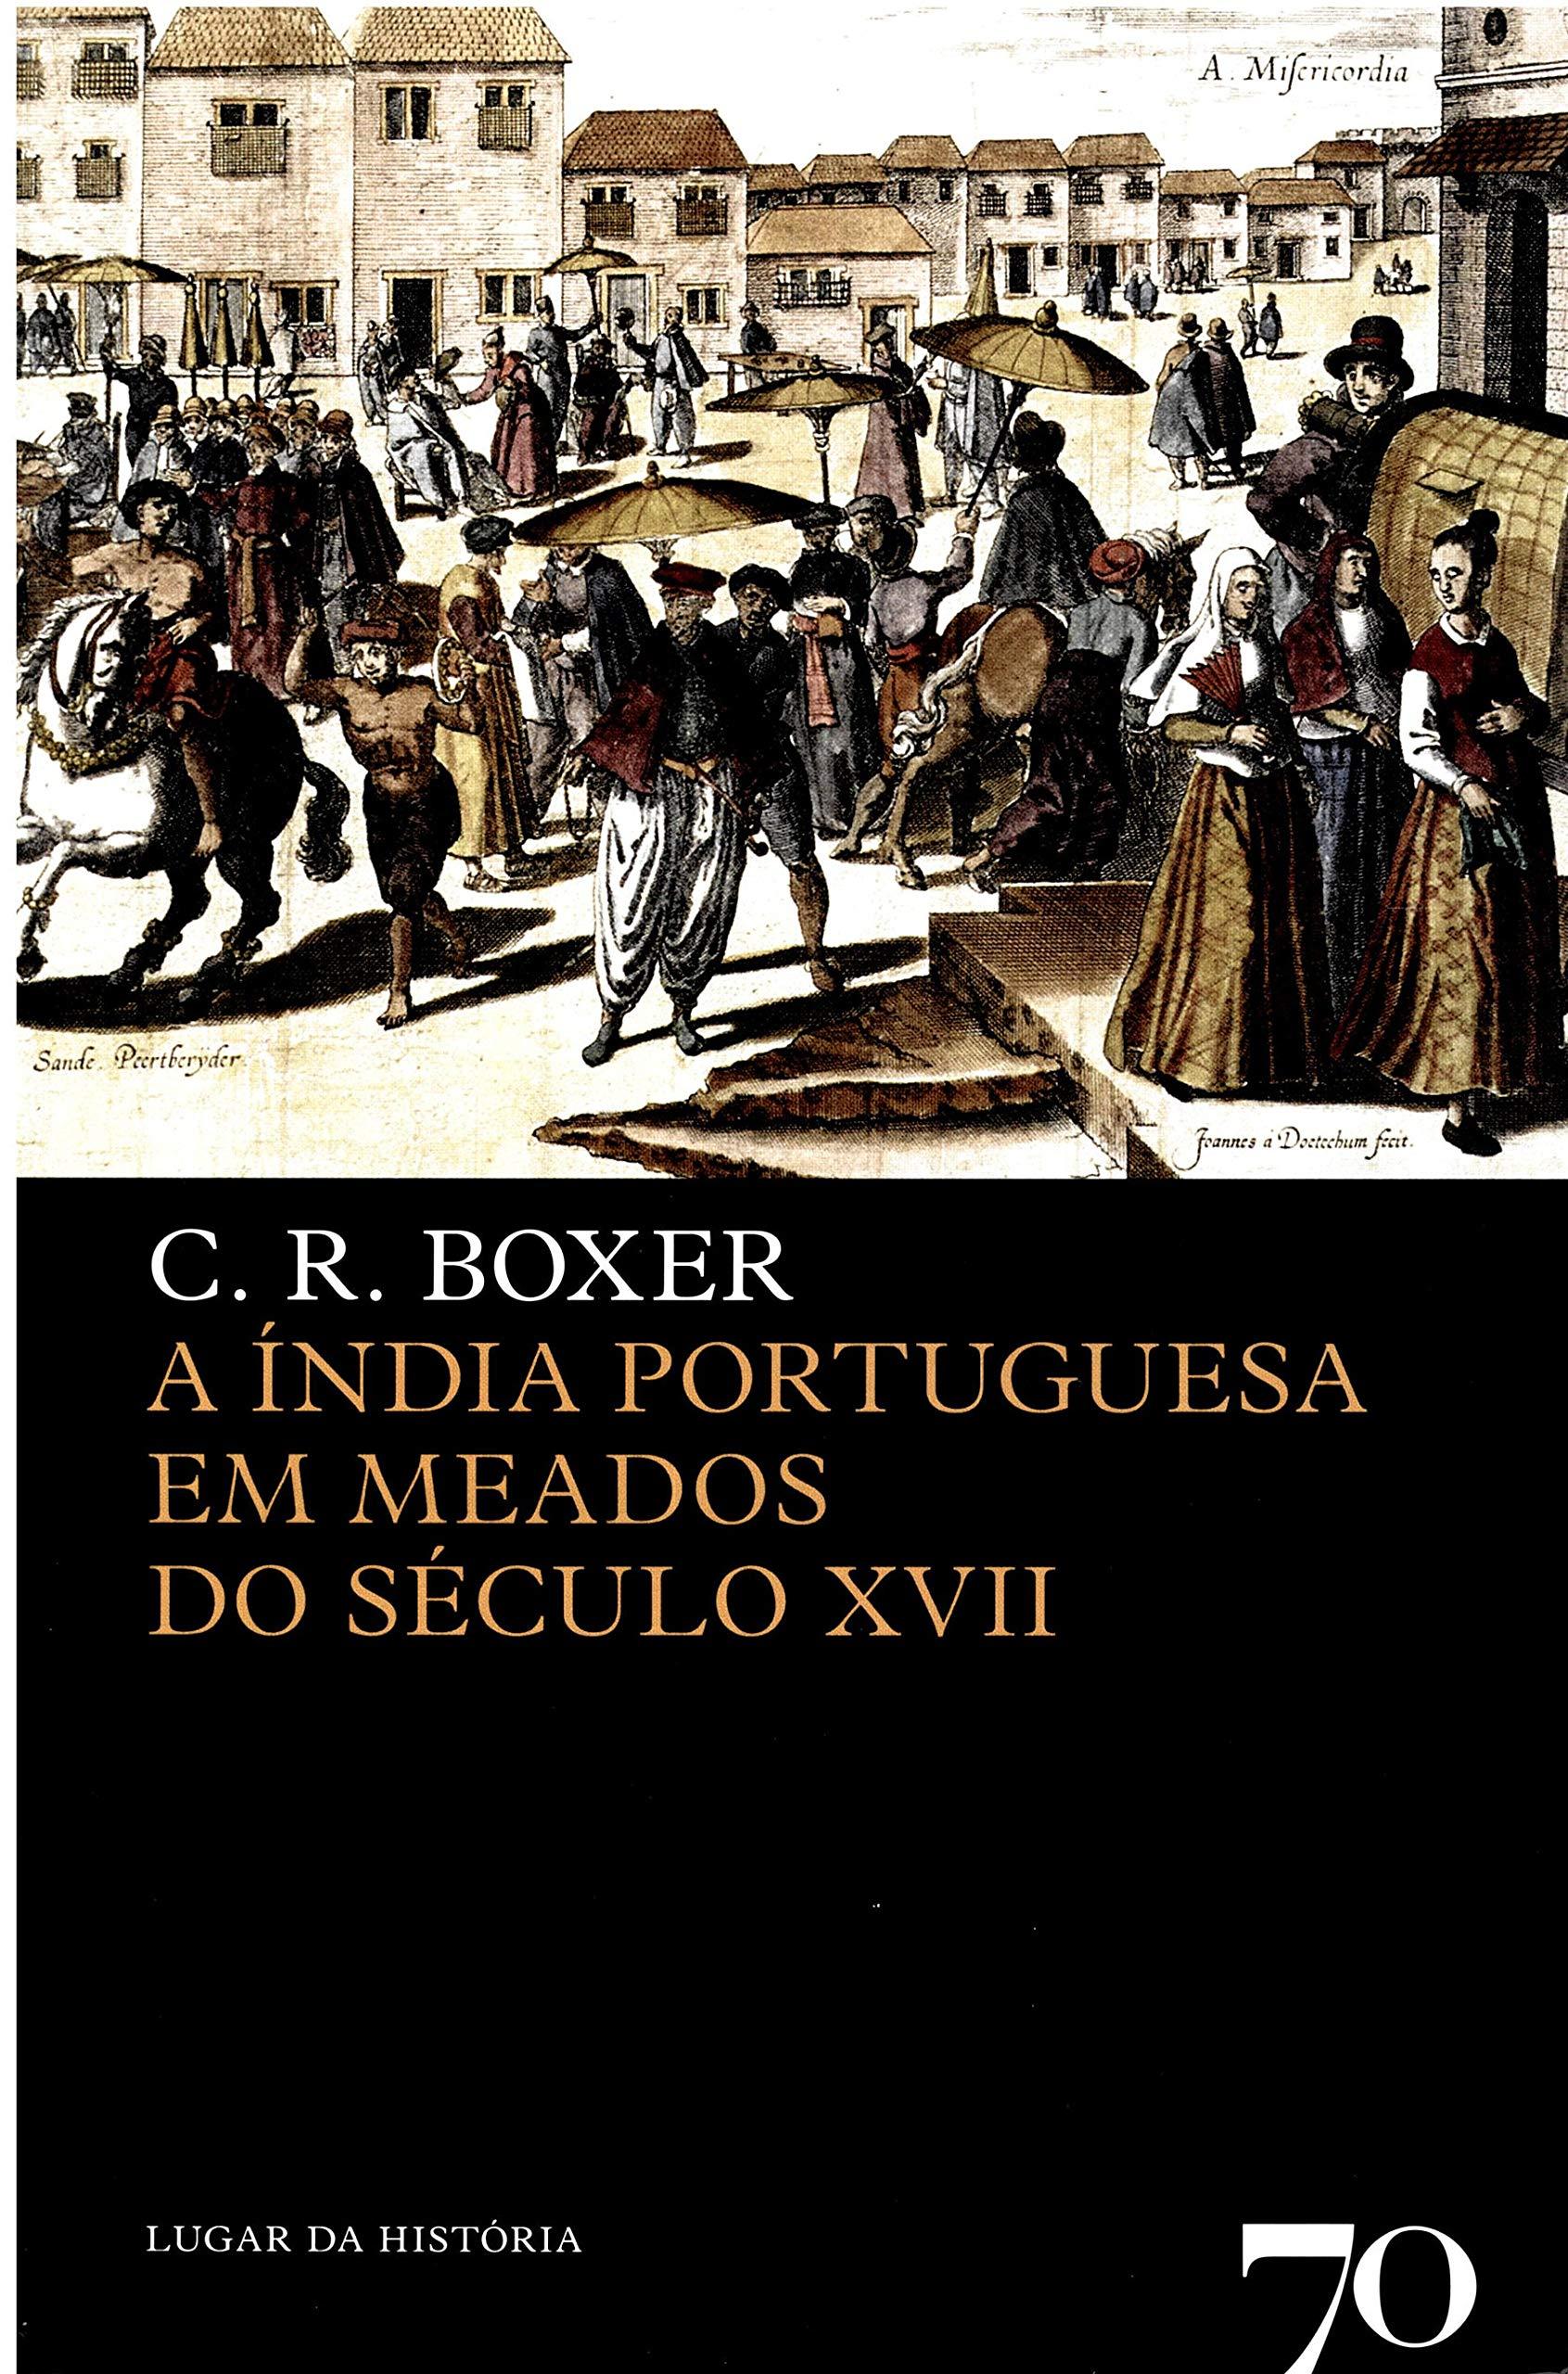 Read Online A Índia Portuguesa em Meados do Século XVII (Portuguese Edition) PDF